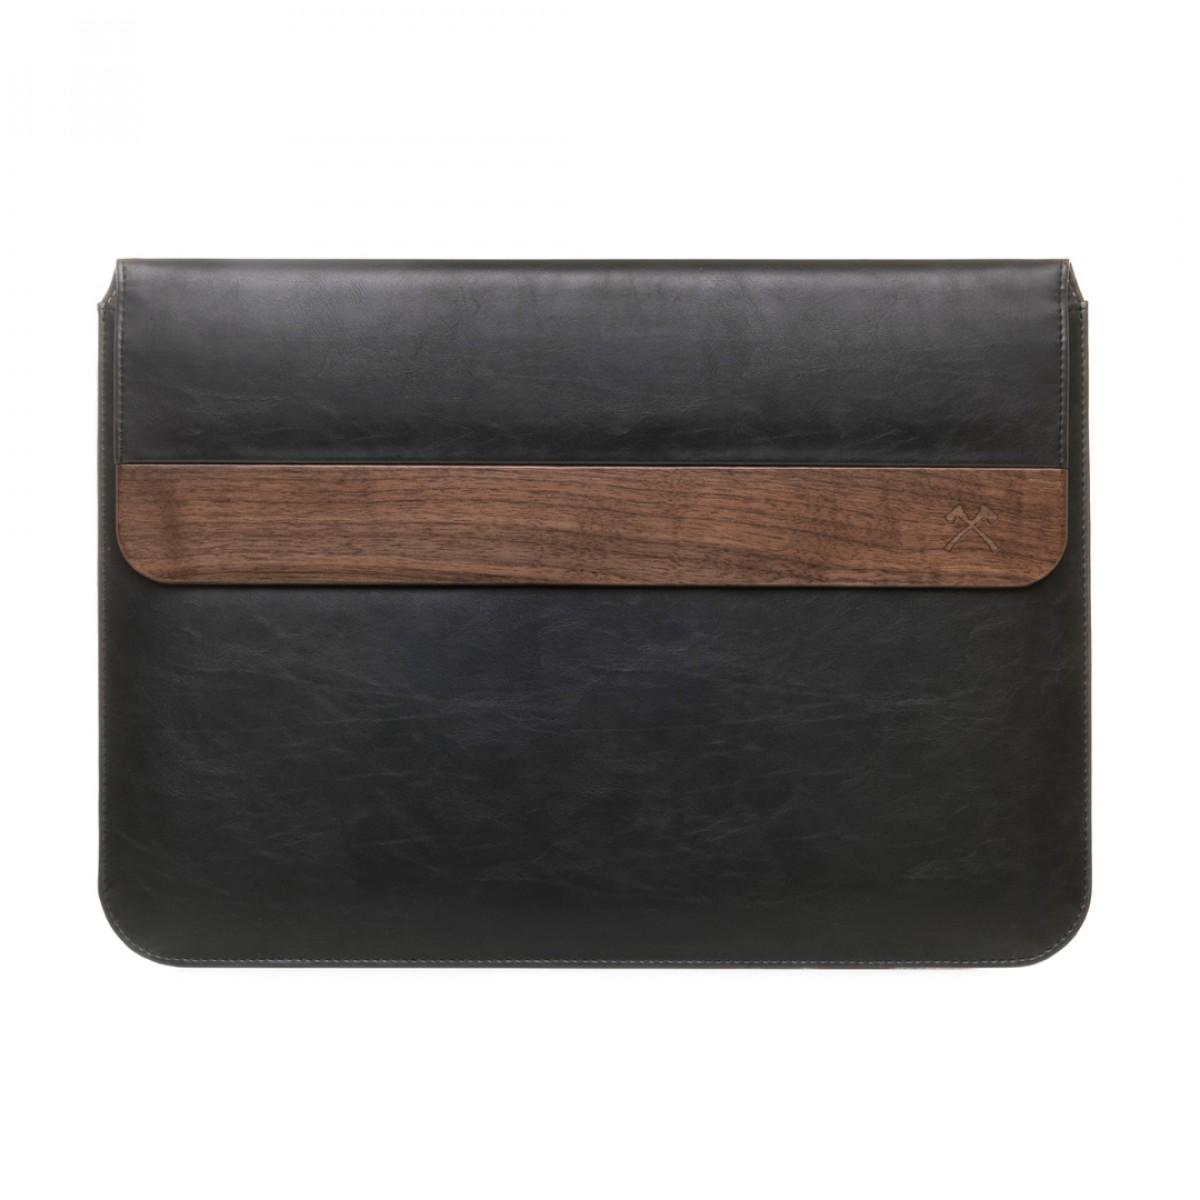 """Woodcessories - EcoPouch - Macbook Tasche - Premium Design Hülle, Notebooktasche, Laptoptasche m. echtem Walnuss Holz & natürlicher Lederoptik (MacBook 11-13"""")"""